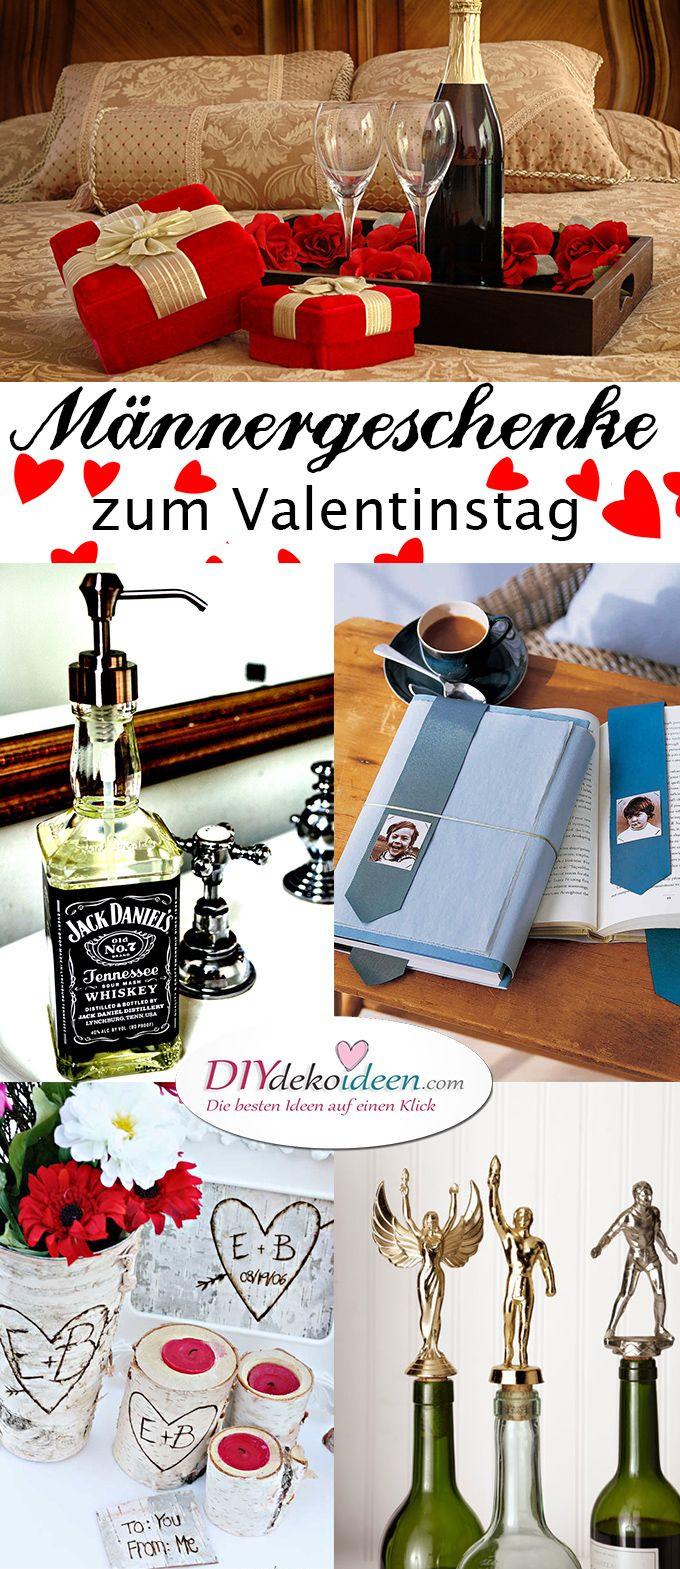 Valentinstag Geschenk Diy  Männergeschenke zum Valentinstag DIY Bastelideen